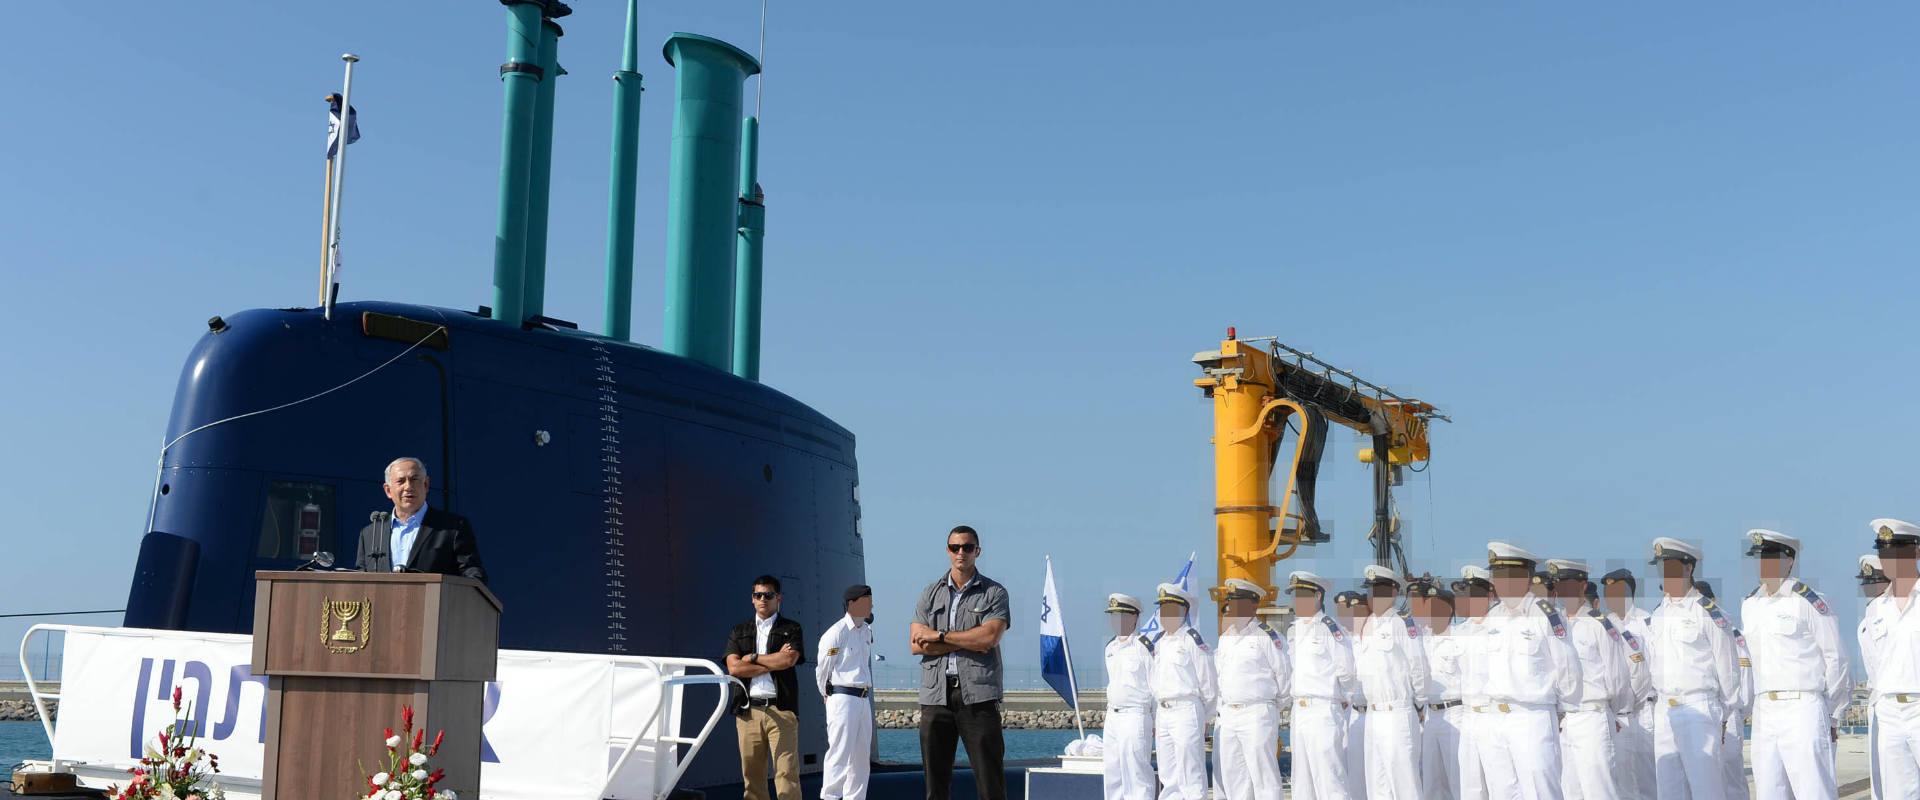 נתניהו בטקס קבללת הצוללת ב-2014